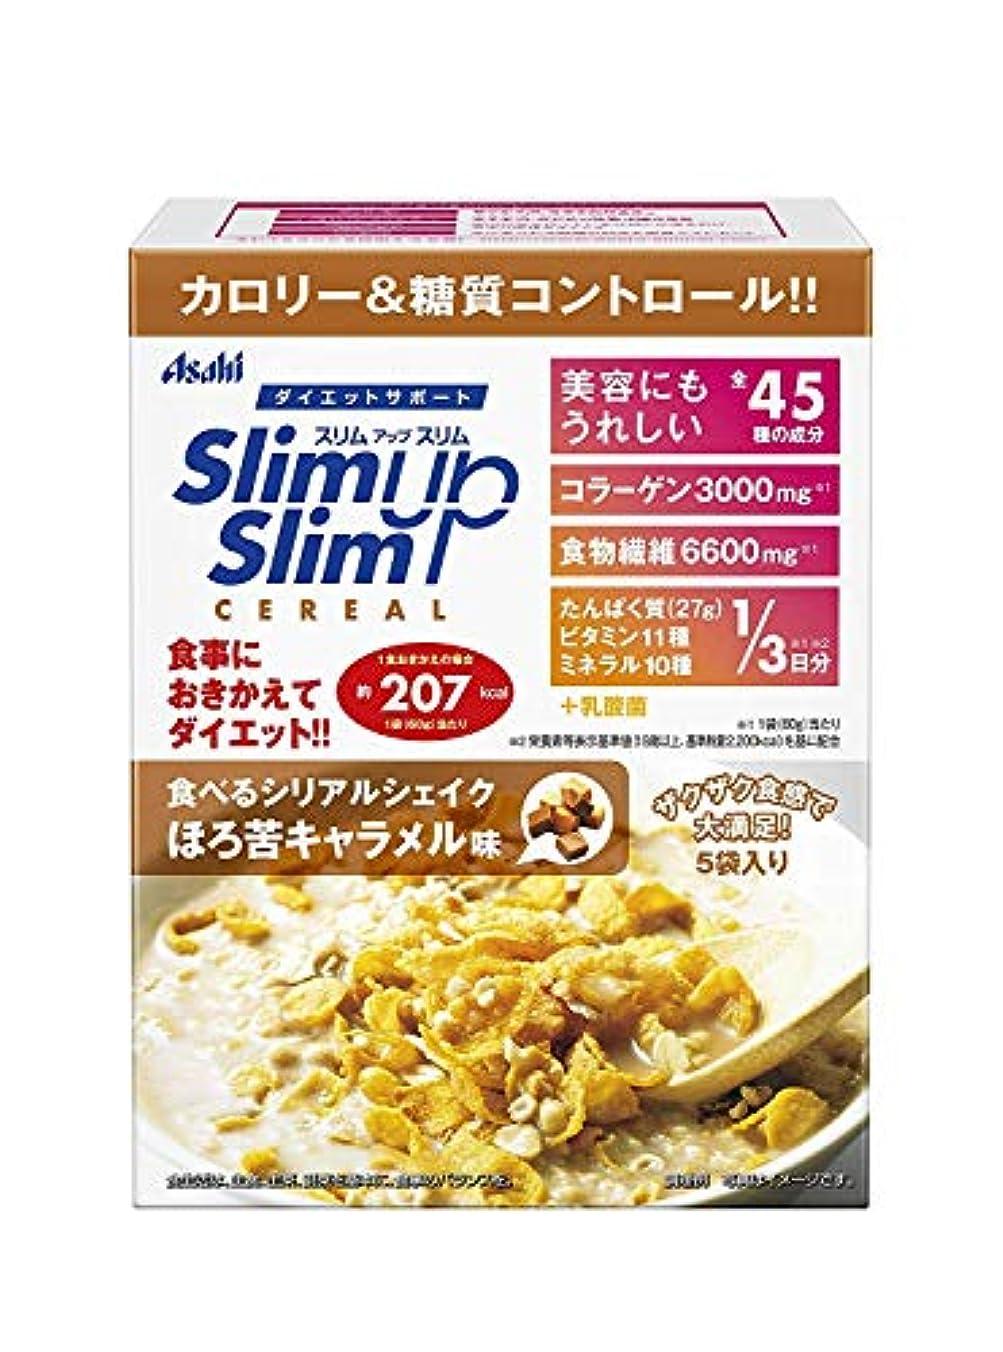 望むフェロー諸島嬉しいですスリムアップスリム 食べるシリアルシェイク ほろ苦キャラメル味 300g (60g×5袋) ×3